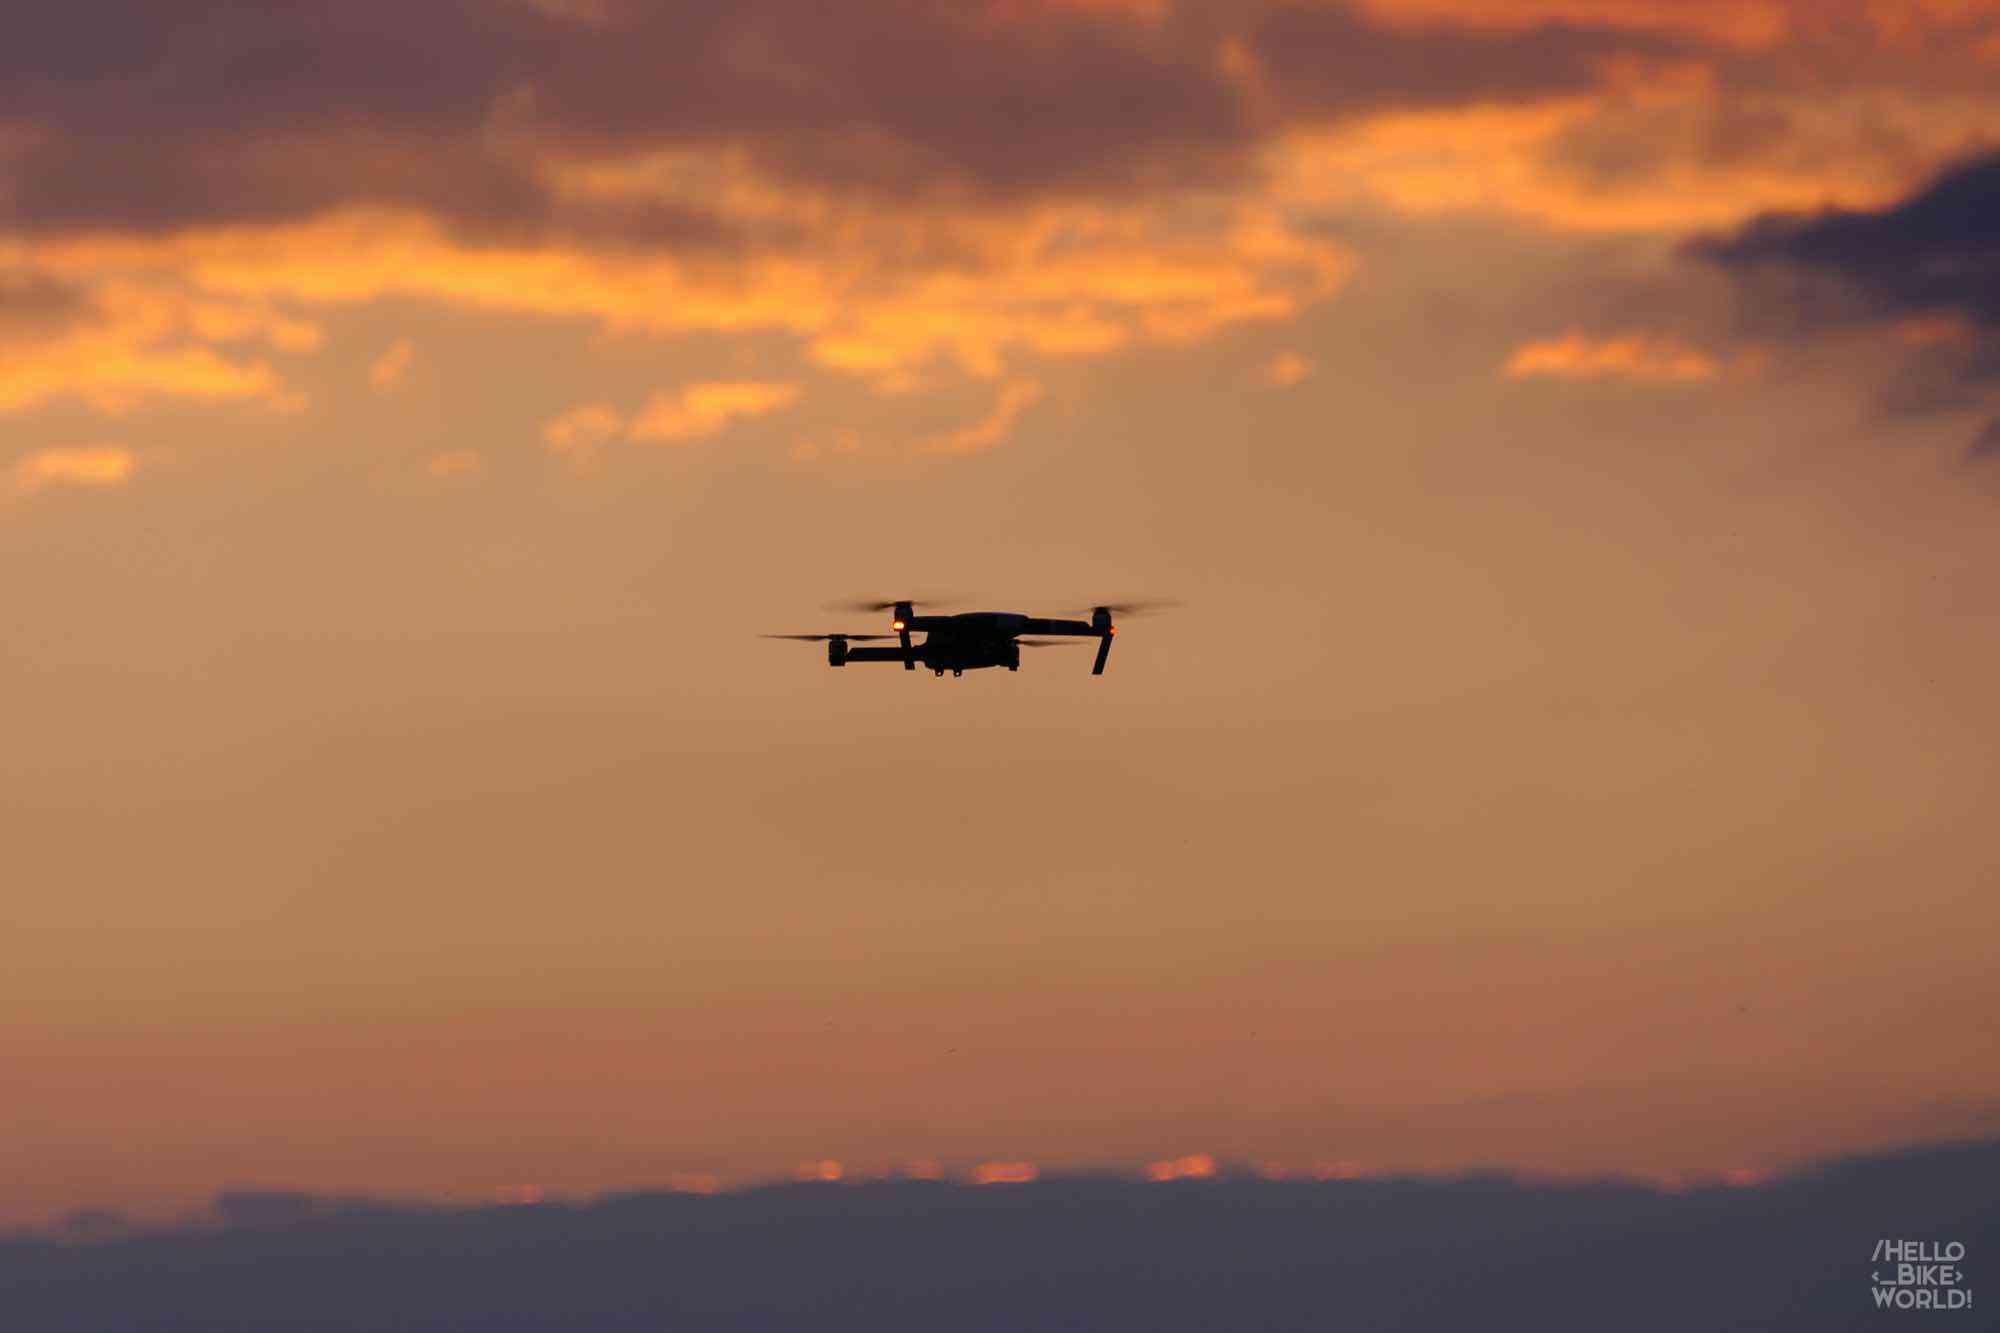 Le drone capte les plus beaux couchers de soleil